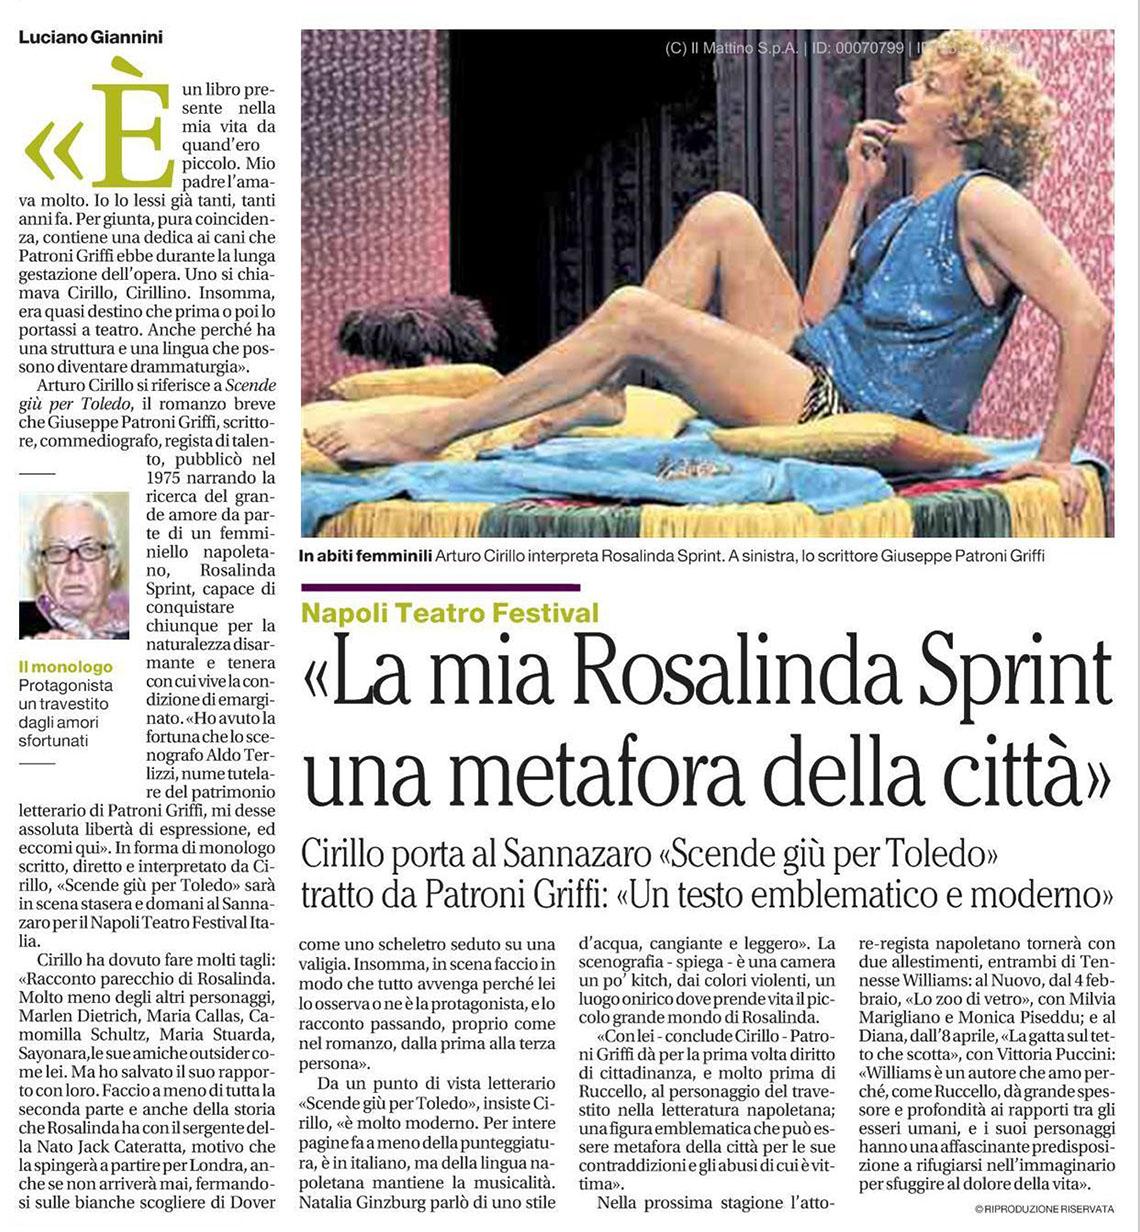 2014.06.15 La mia Rosalinda Sprint una metafora della città - Il Mattino